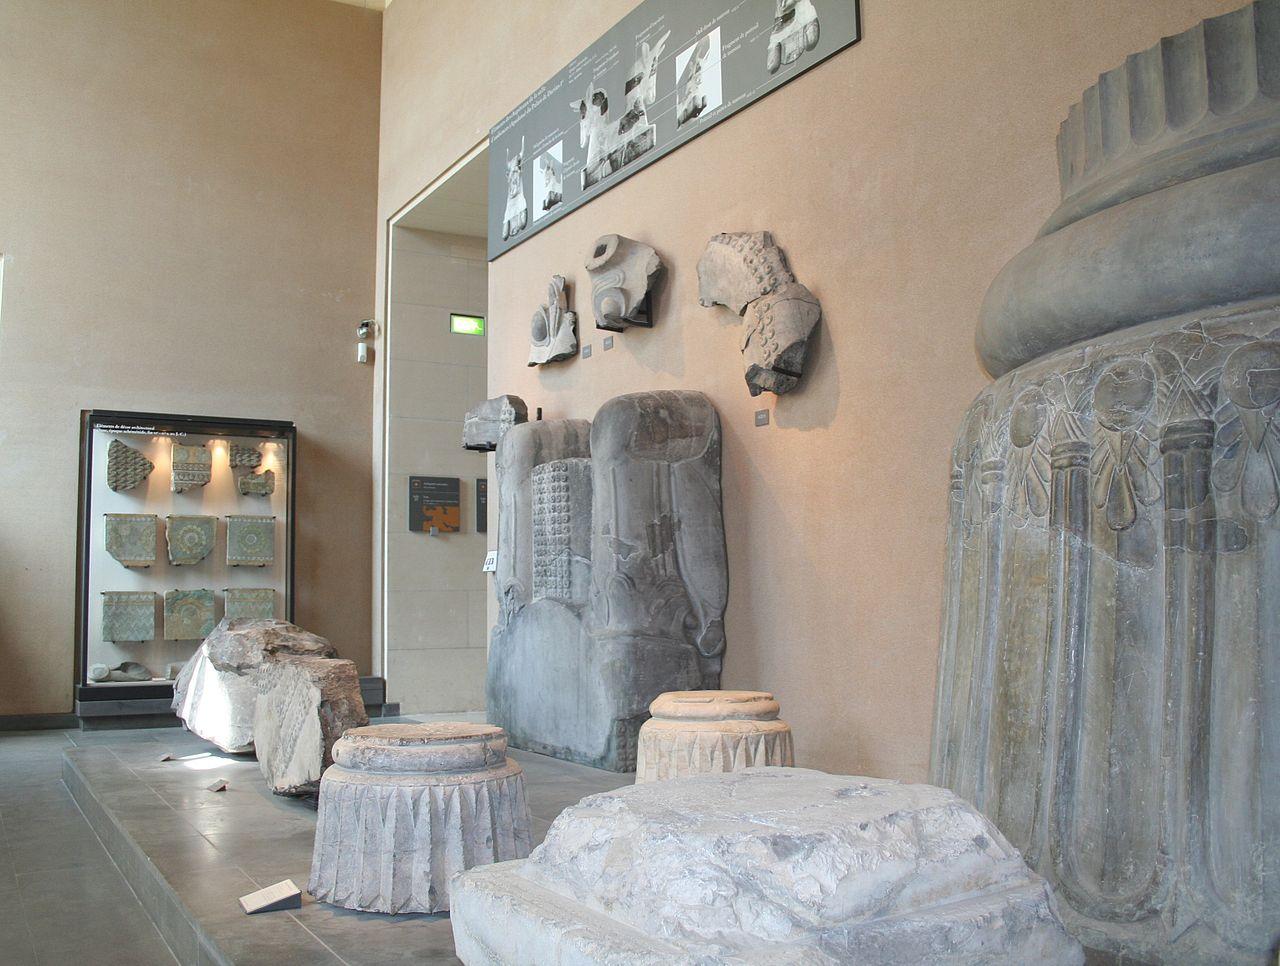 مجموعة من الأعمال الفنية داخل متحف اللوفر